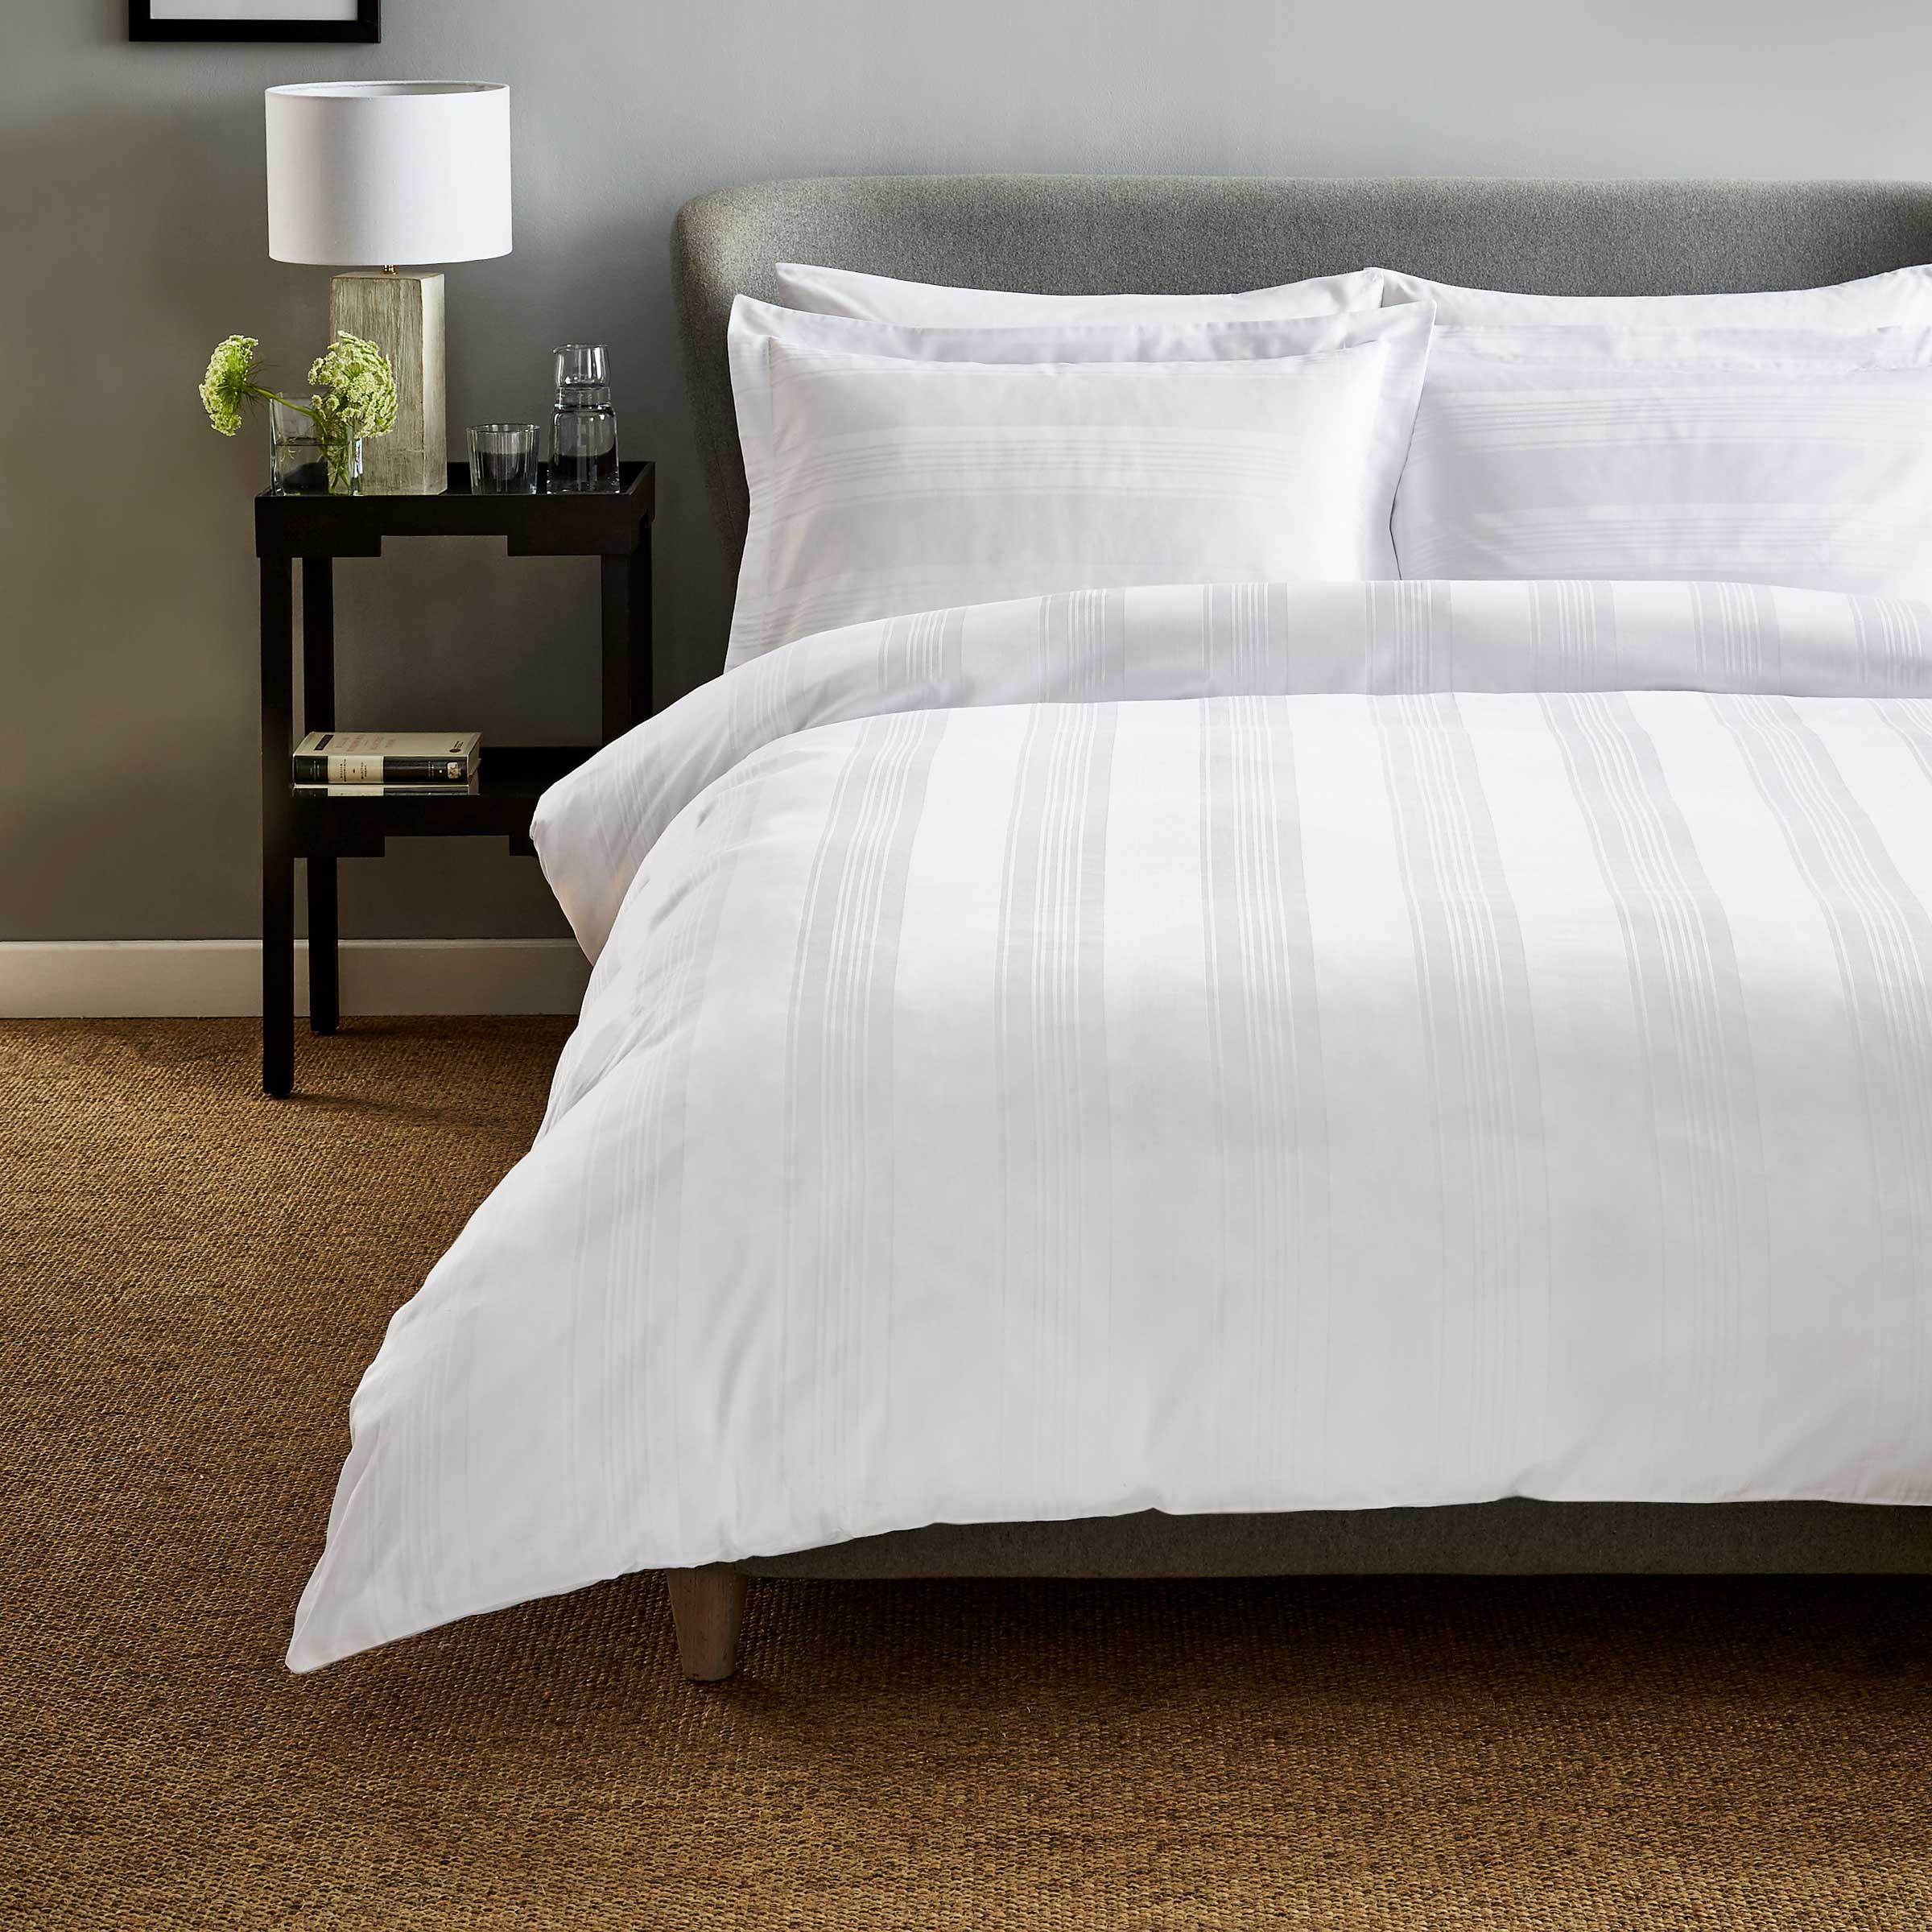 Hotel Bedding Empire Single Duvet Cover White